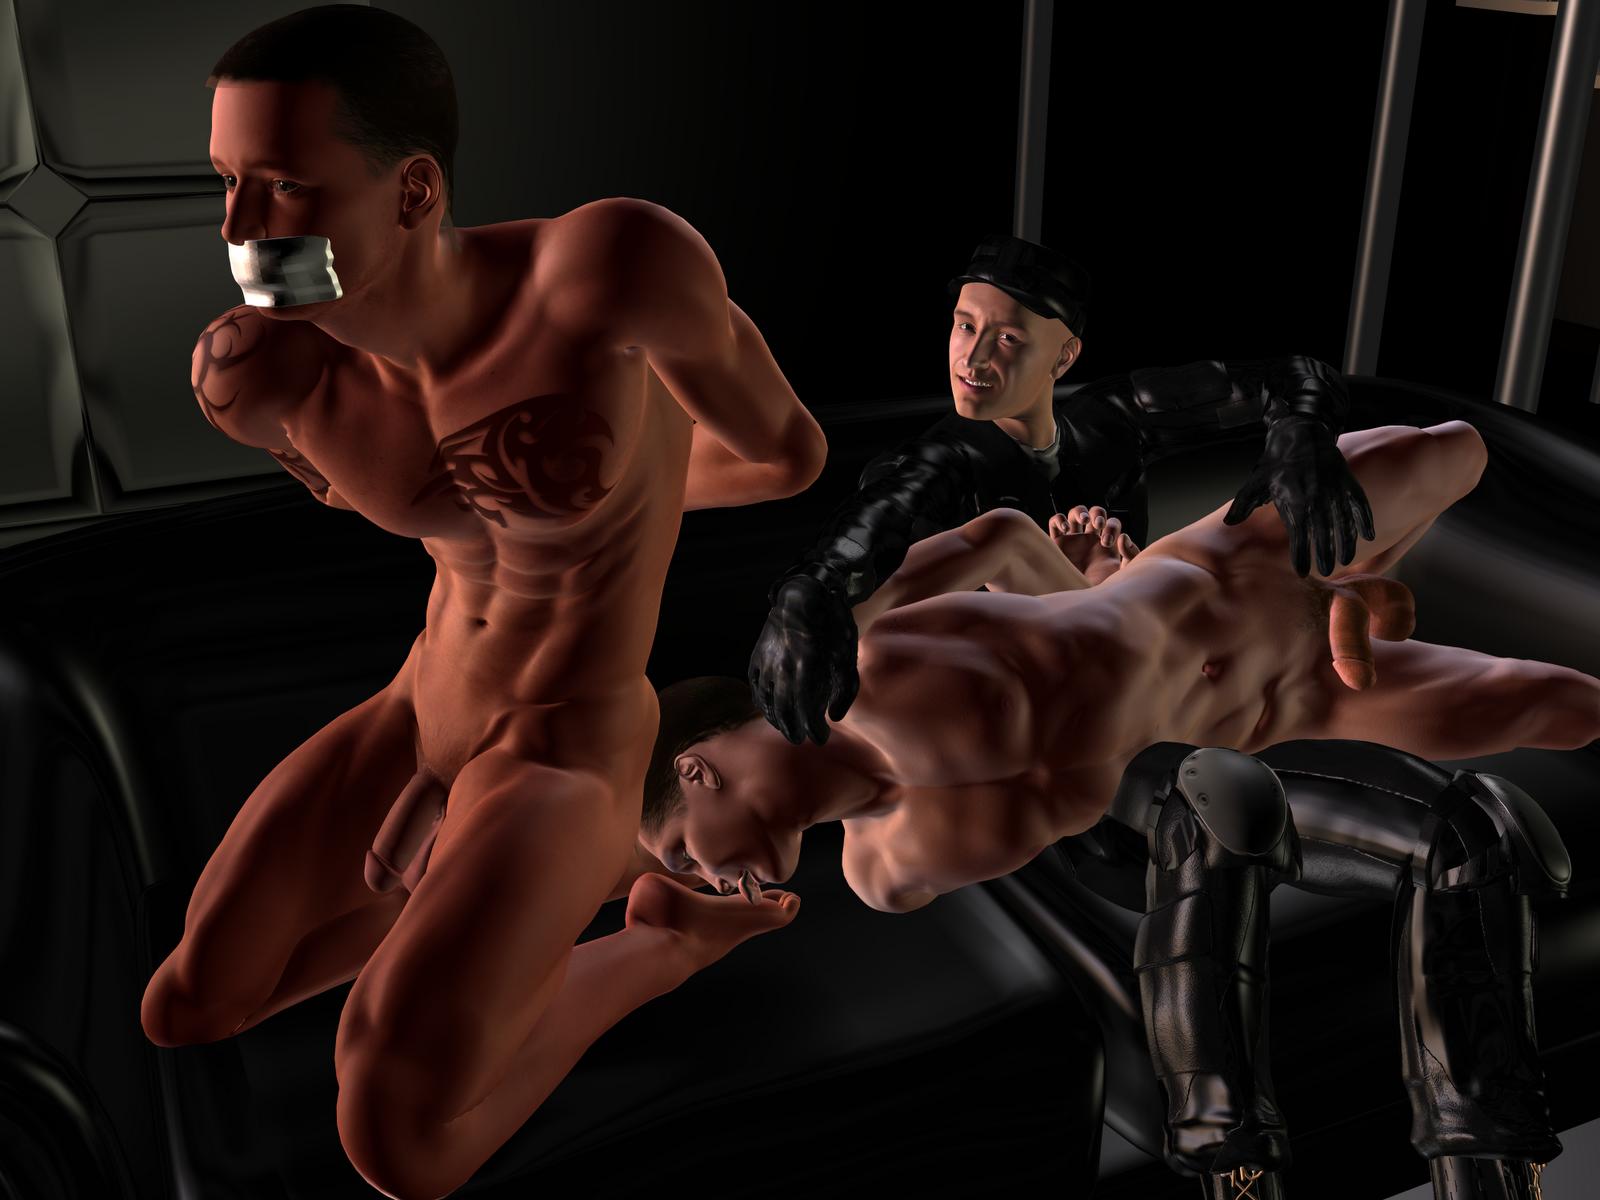 3D Bondage Art